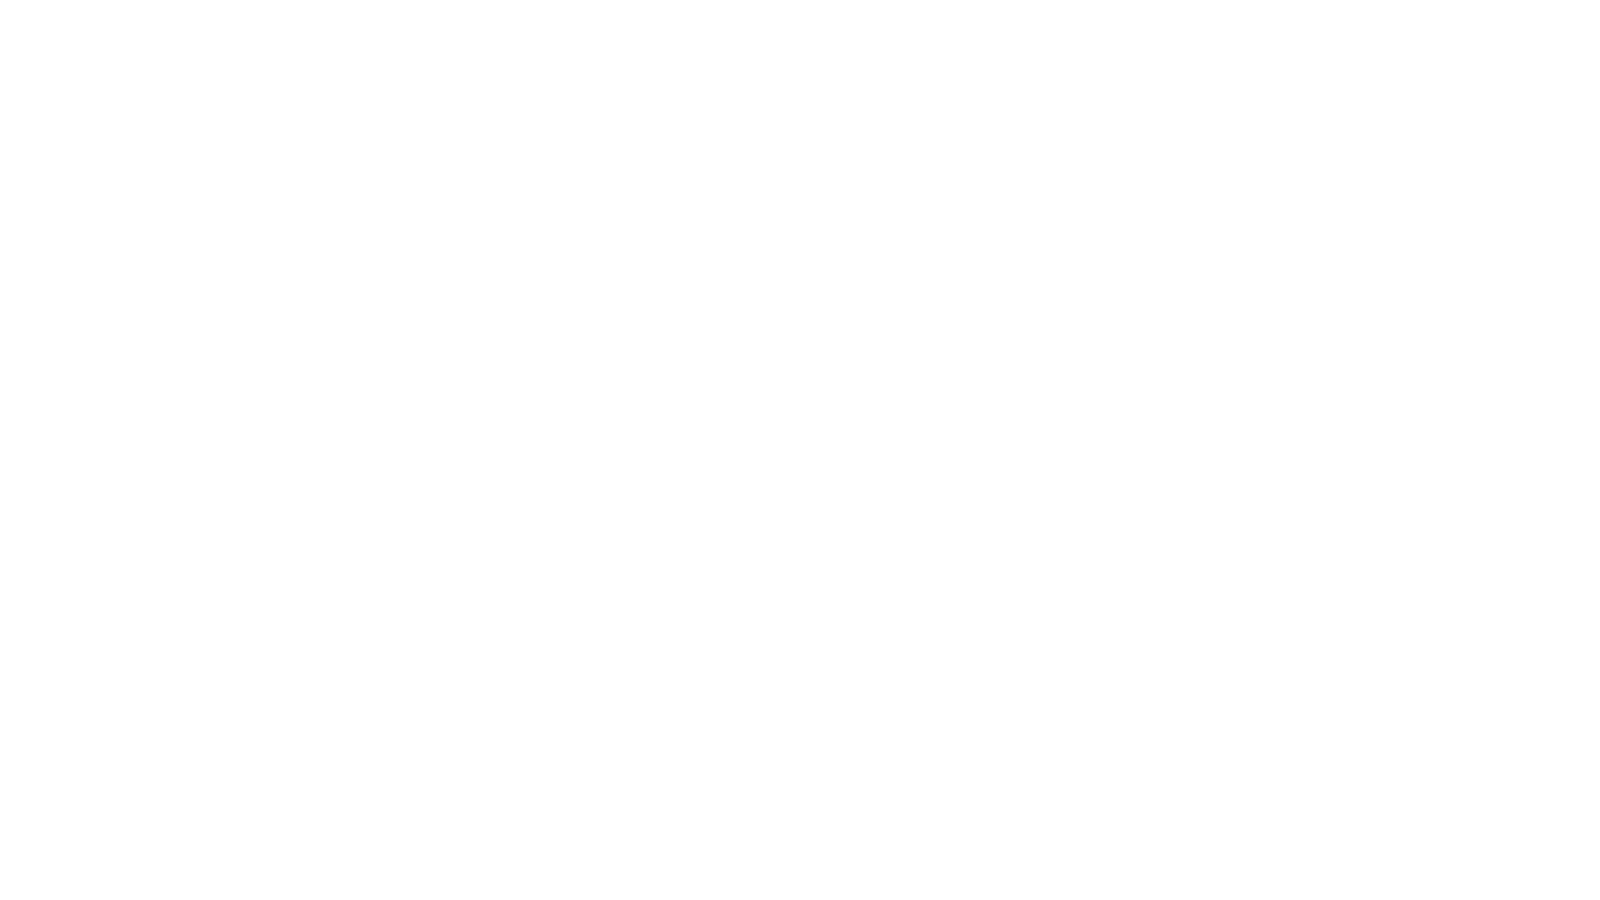 """Phần 2: Từ câu chuyện số 31 đến 60. Mời các bạn cùng xem nhé!  ----- Nguyễn Trí Hùng  ☎️  0946.612.968 """"NGƯỜI CHIA SẺ CÂU CHUYỆN BẢO HIỂM NHÂN THỌ"""" https://fb.me/trihung.nguyen.581"""